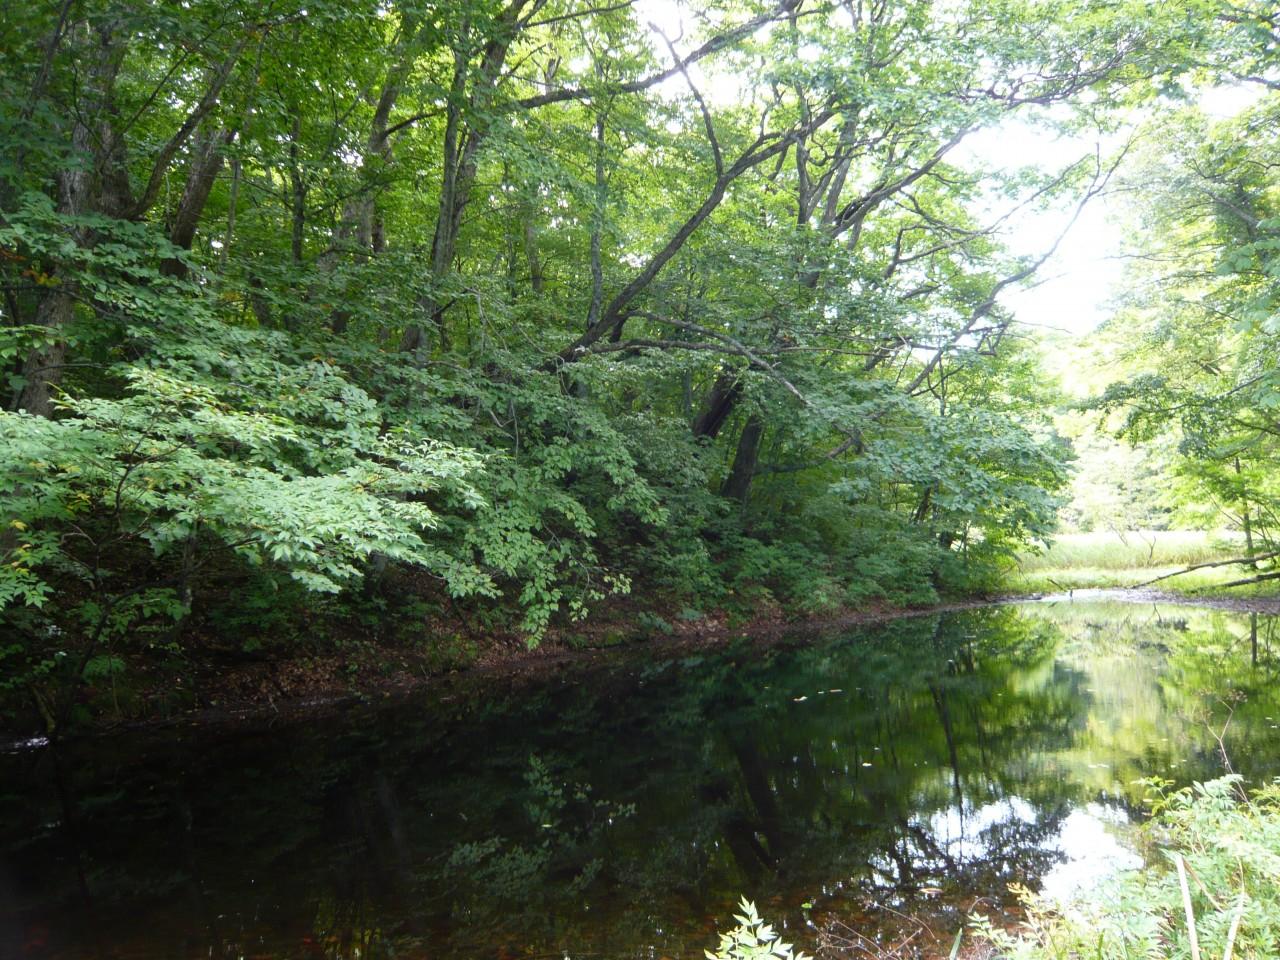 青森 上北 十和田市 風景 秋 奥入瀬渓流 蔦の森 瓢箪沼